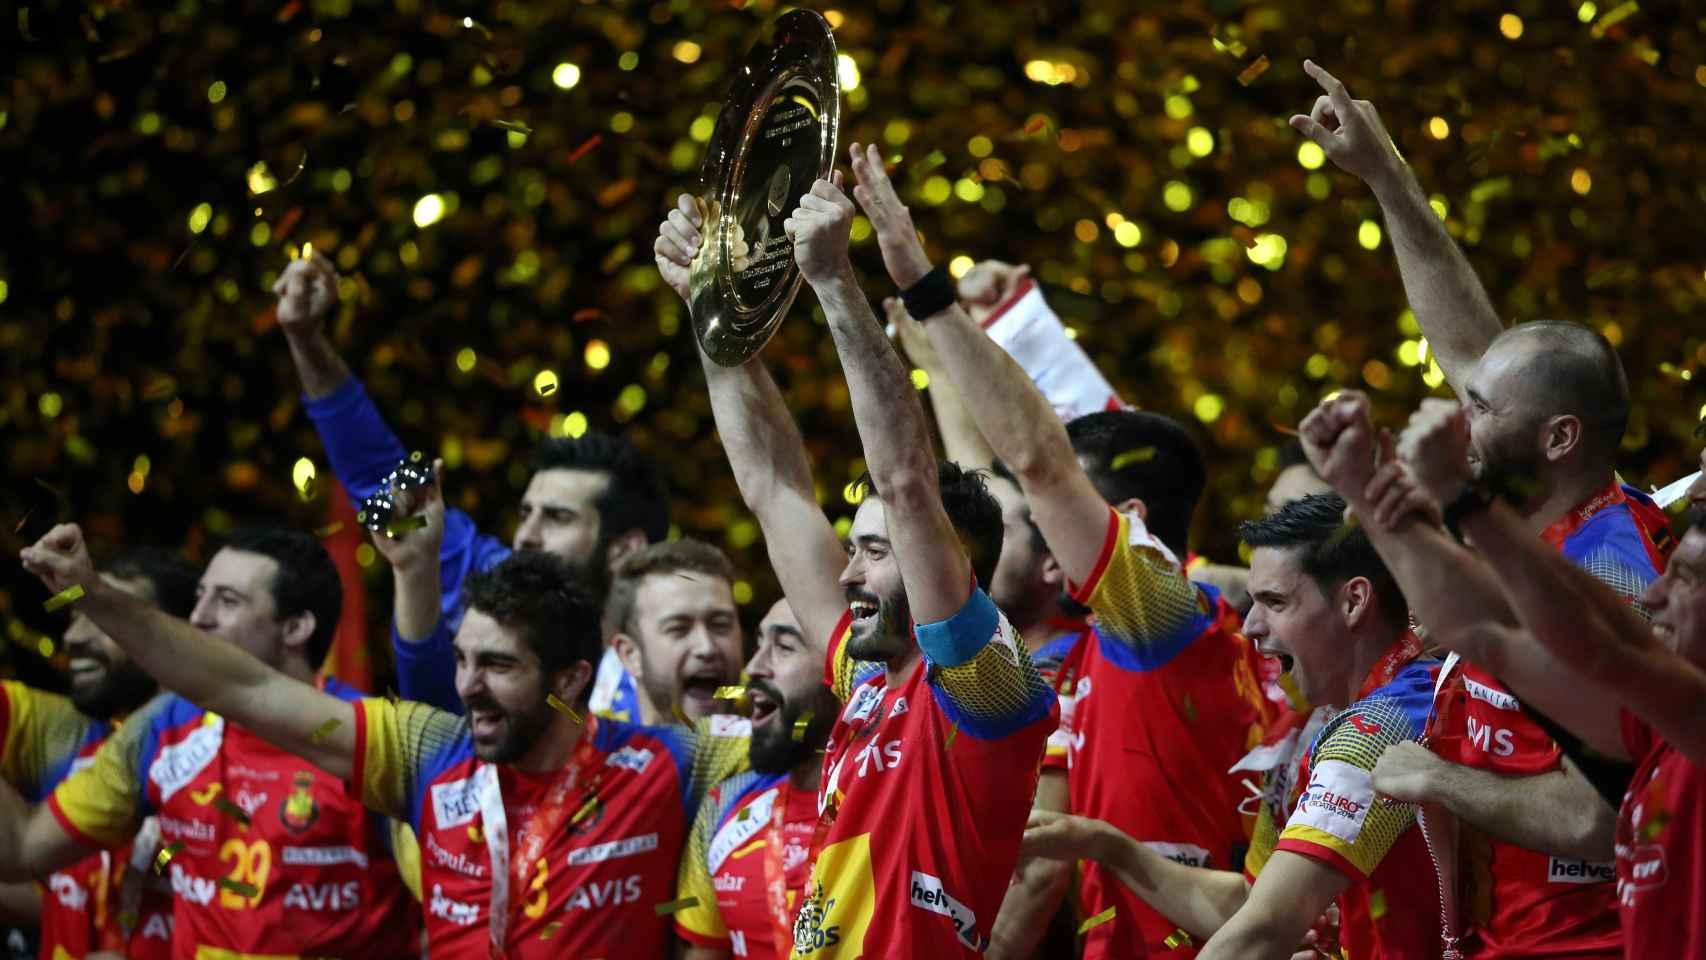 La Final Del Europeo De Balonmano Entre España Y Suecia Récord De Audiencia